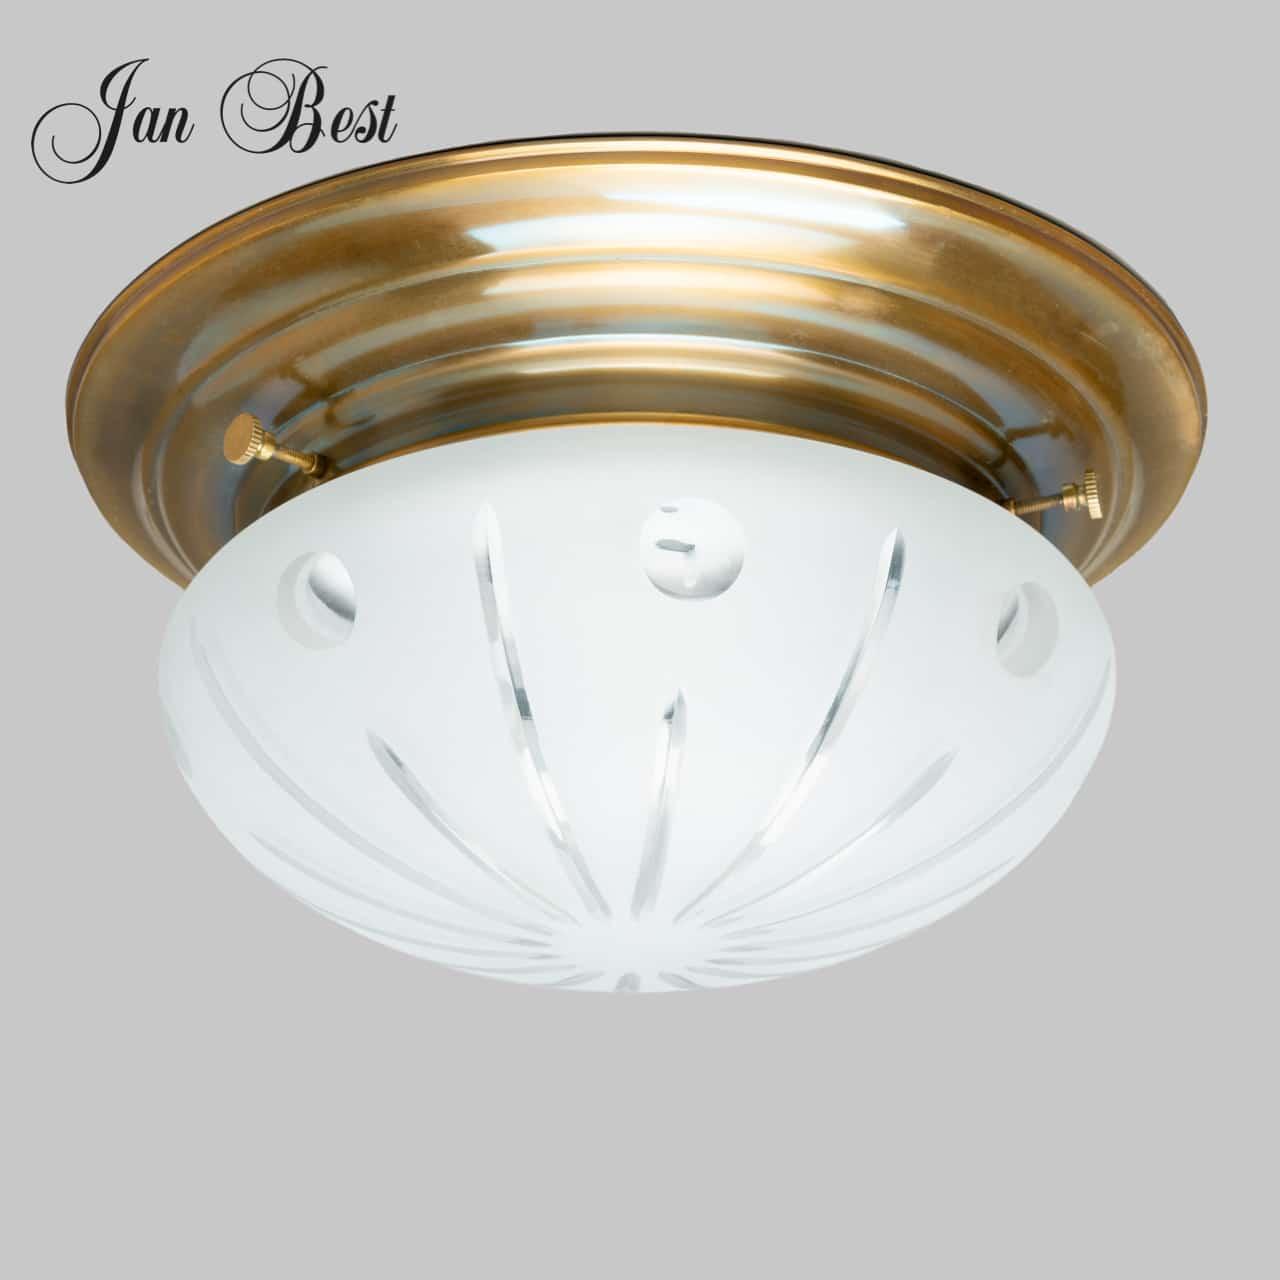 jan-best-plafonnier-keuken-badkamer-lamp-nostalgische-horeca-klassieke-verlichting-messing-geslepen-glas